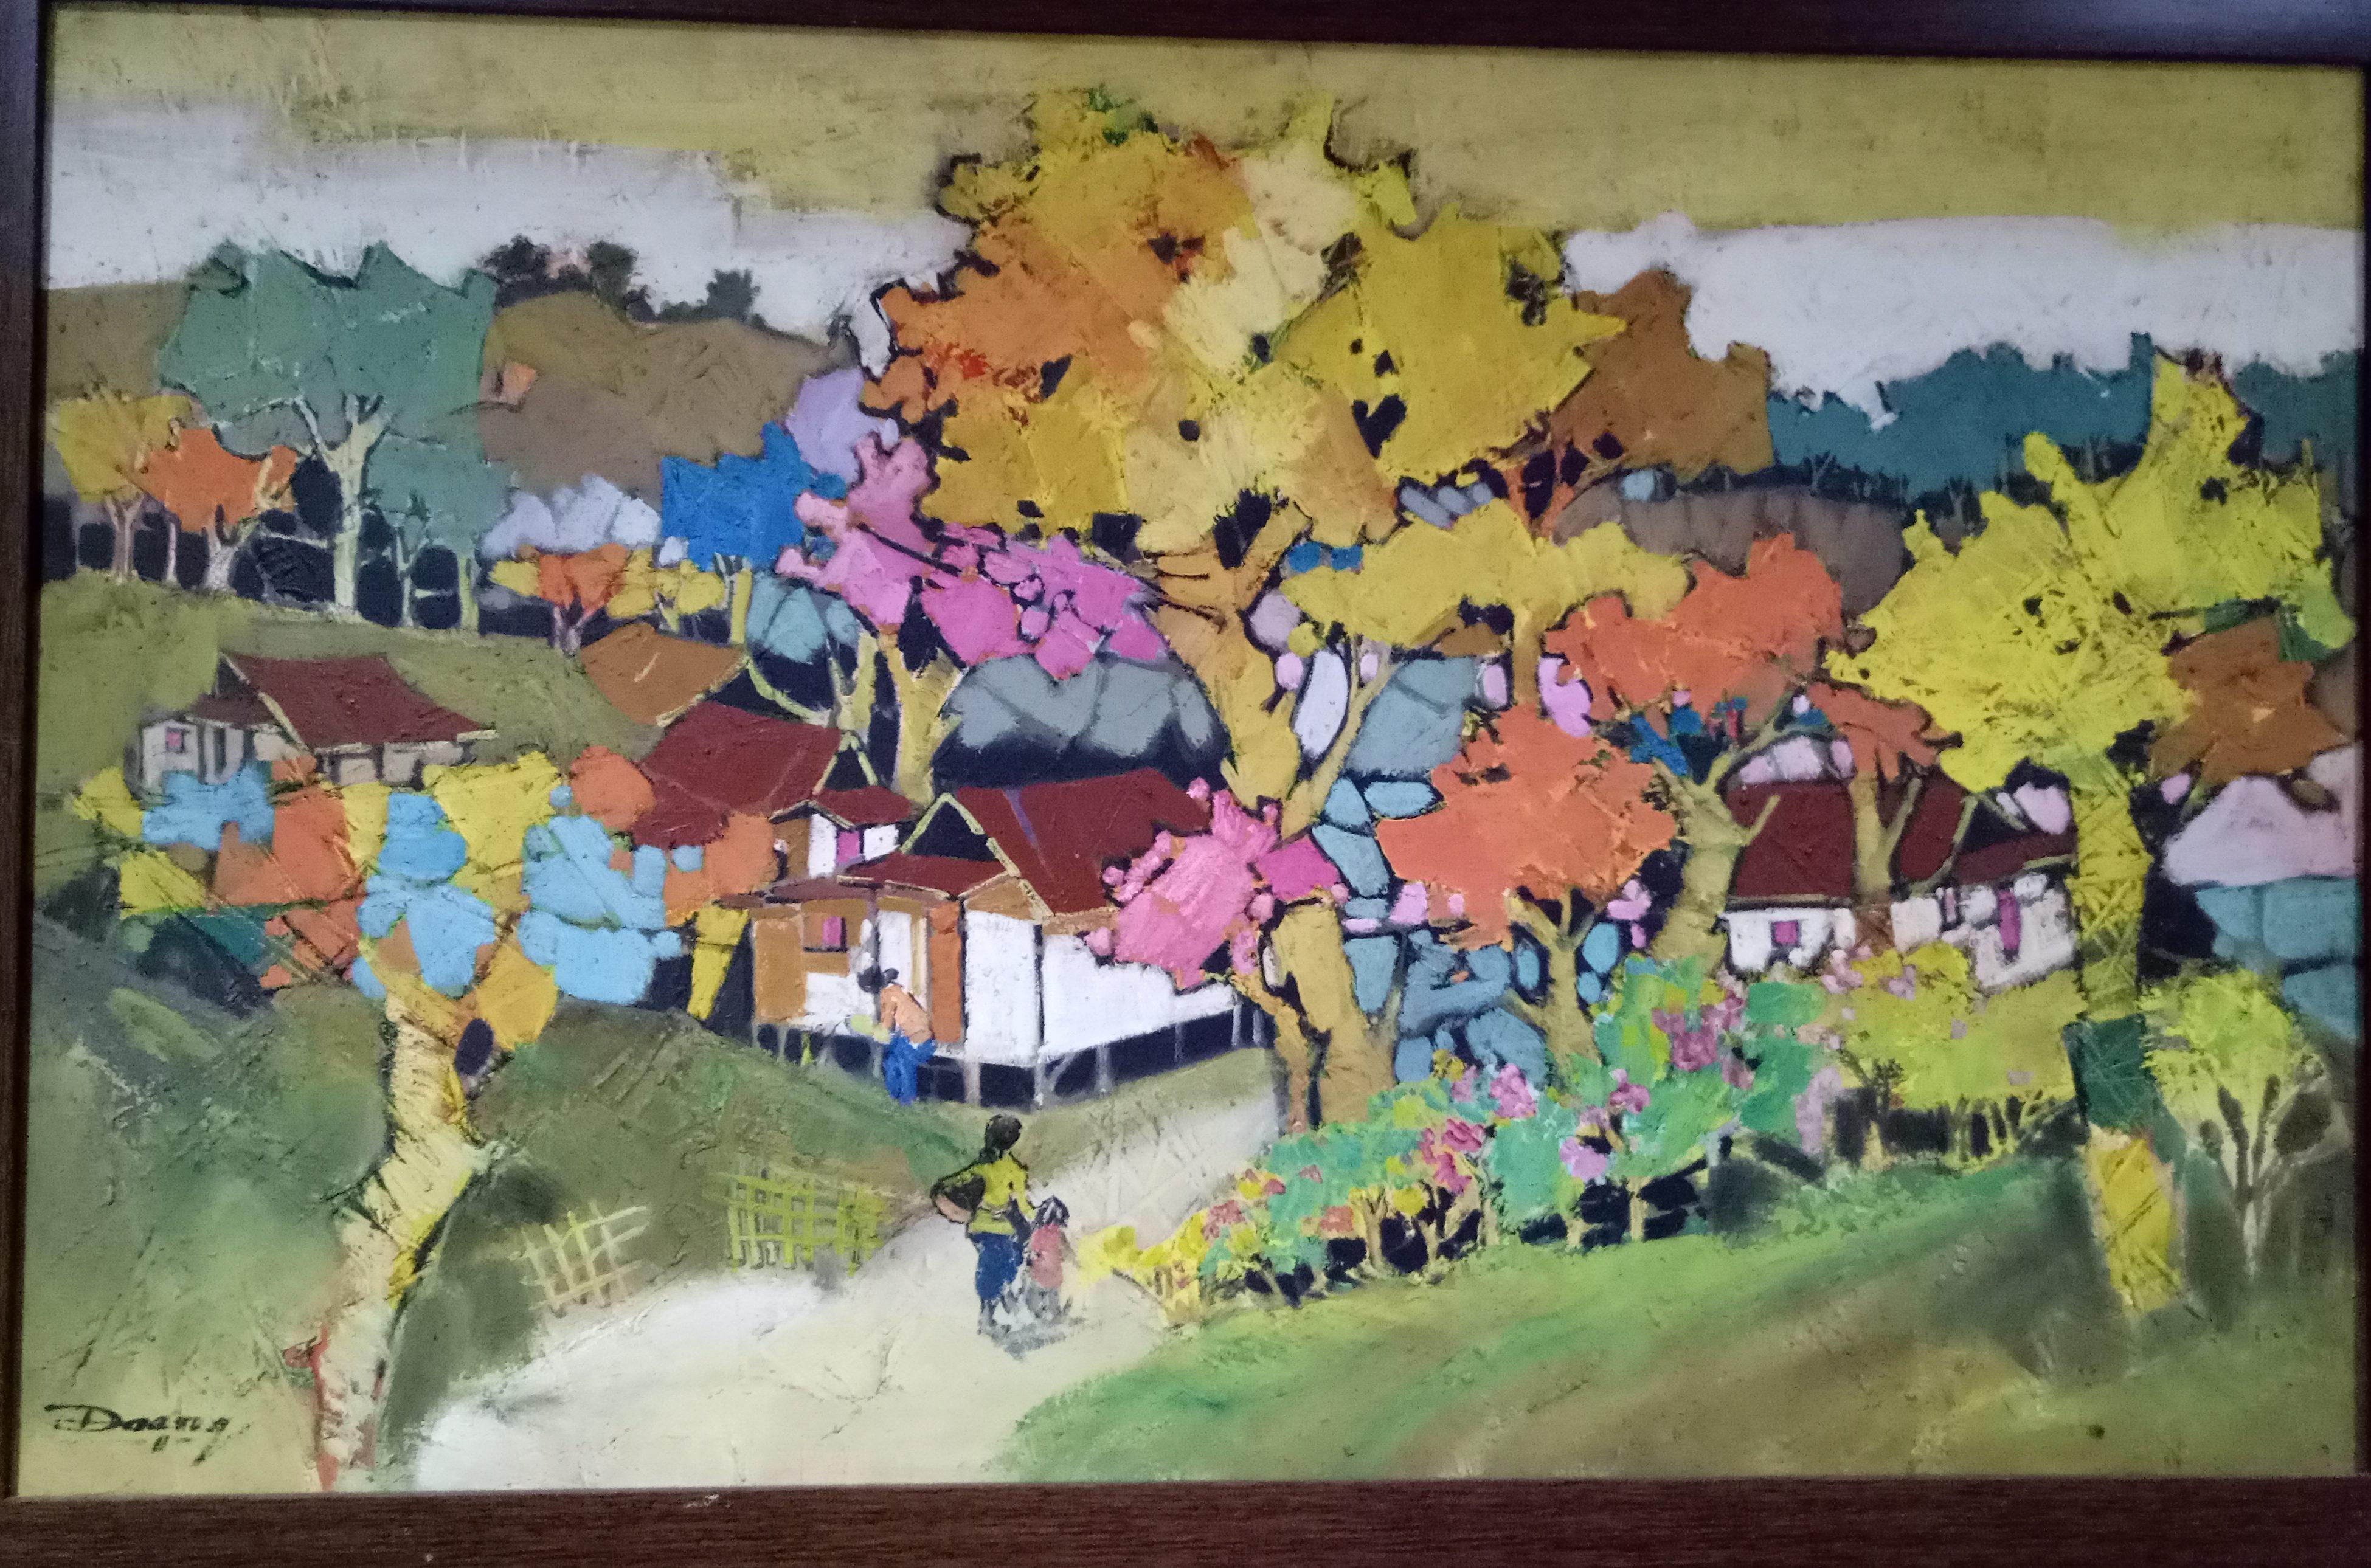 Suasana Pedesaan, Artist : Daeng, acrylic  on canvas